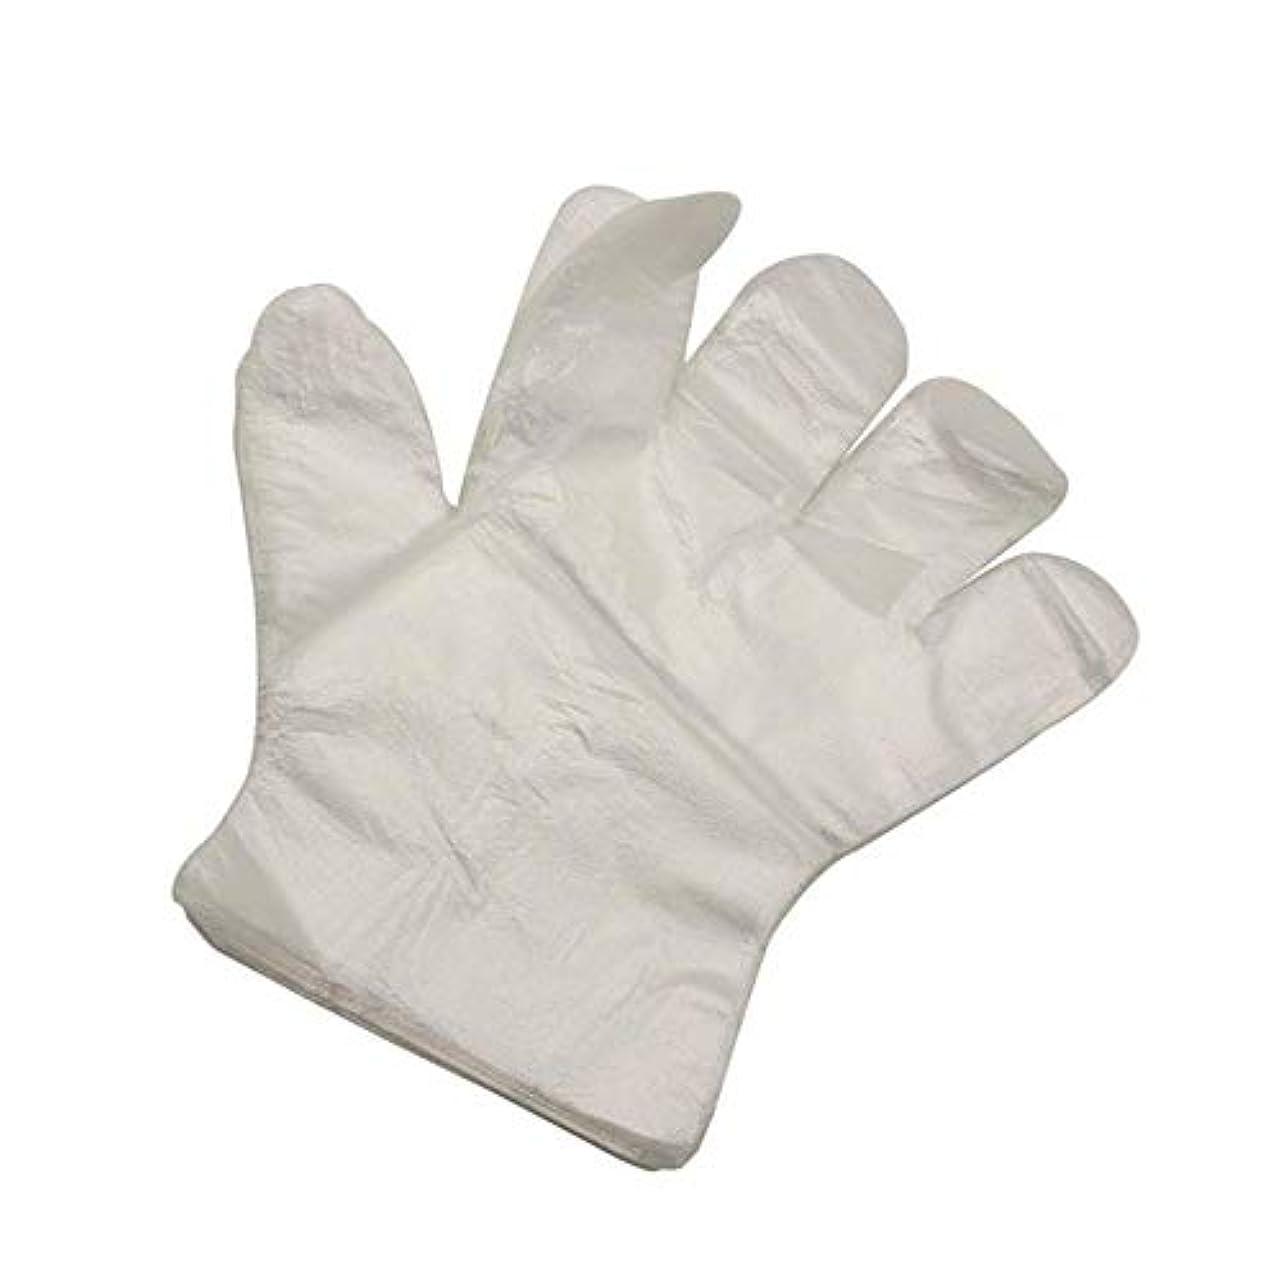 プログラムメロドラマティックコテージ使い捨て手袋 極薄ビニール手袋 調理 透明 実用 衛生 左右両手が使える 家、レストラン、掃除、木工に使用することができます (1000)